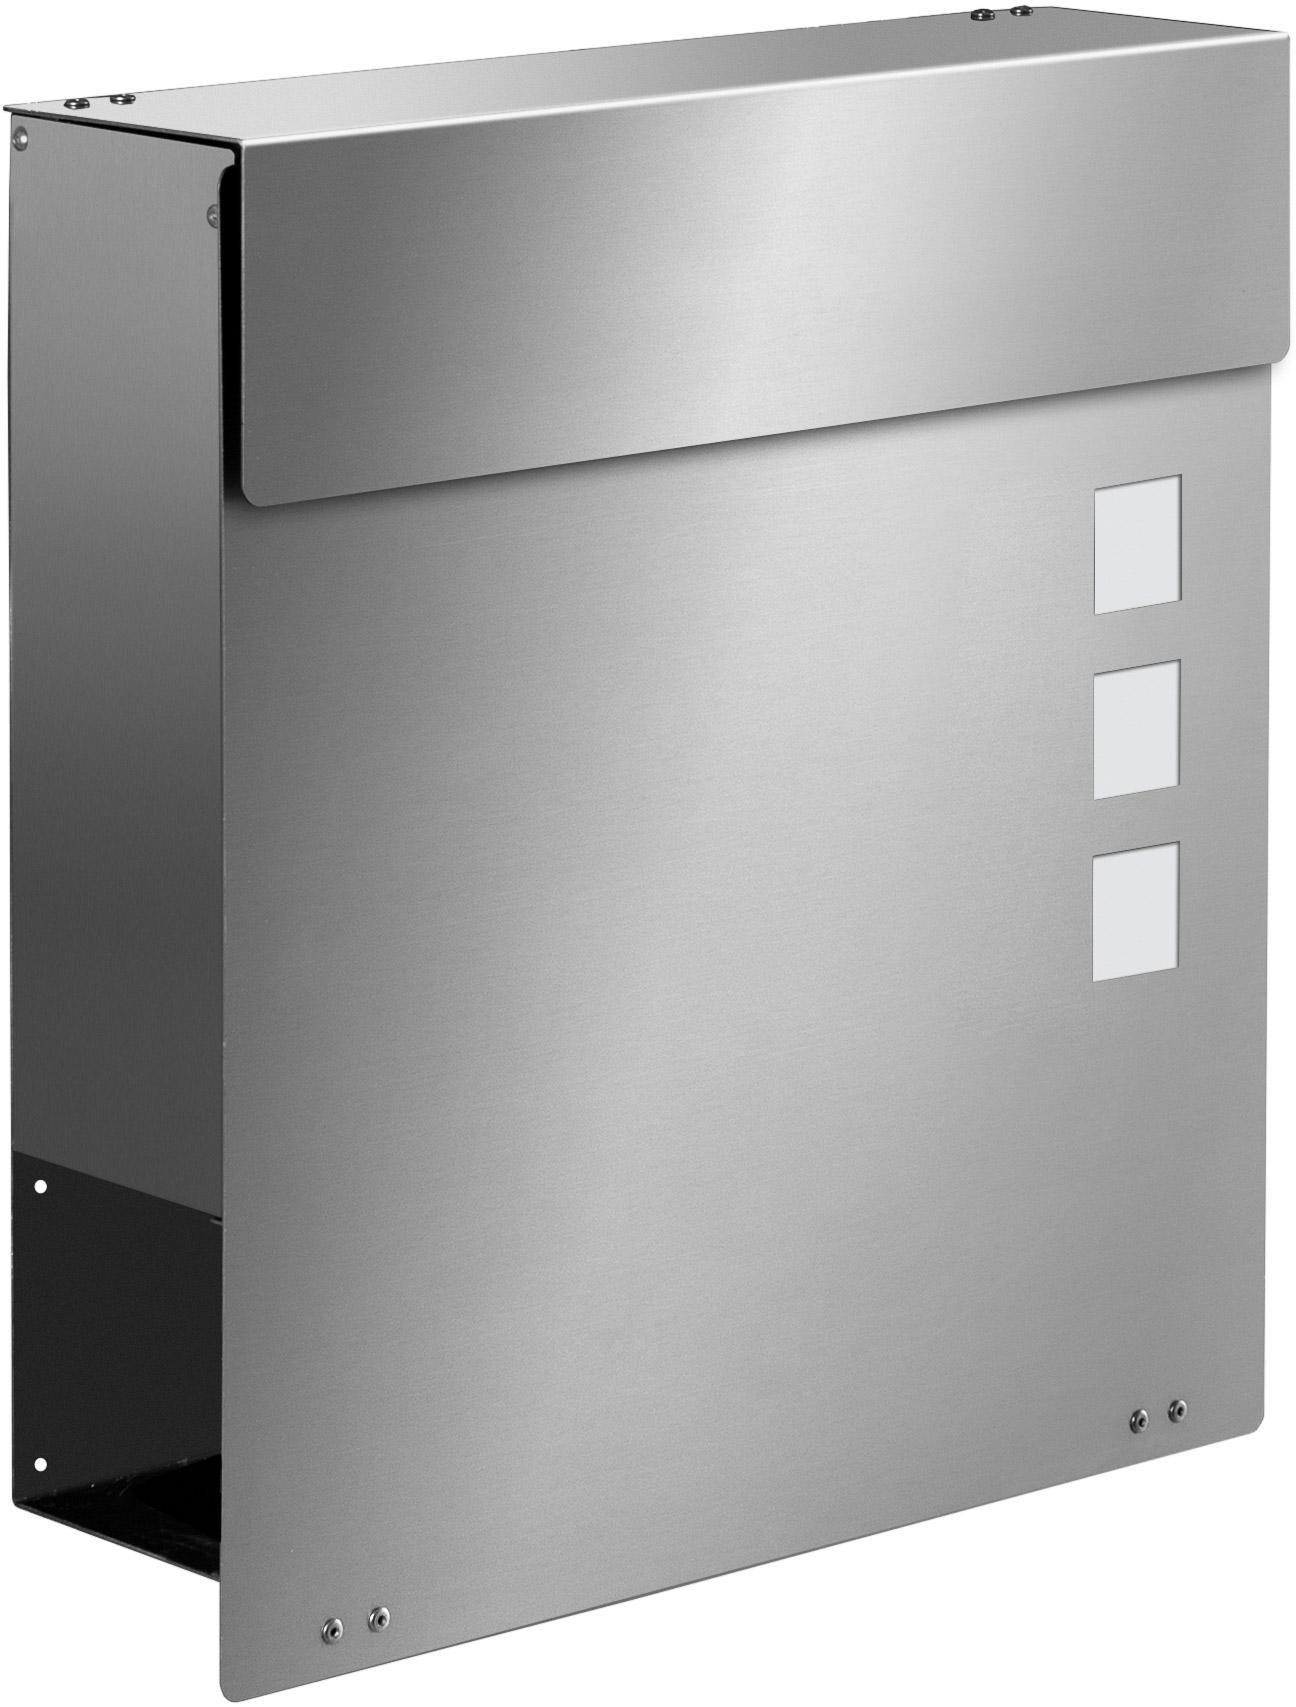 Frabox Edelstahl Design Briefkasten NAMUR EXKLUSIV   Briefkästen ...